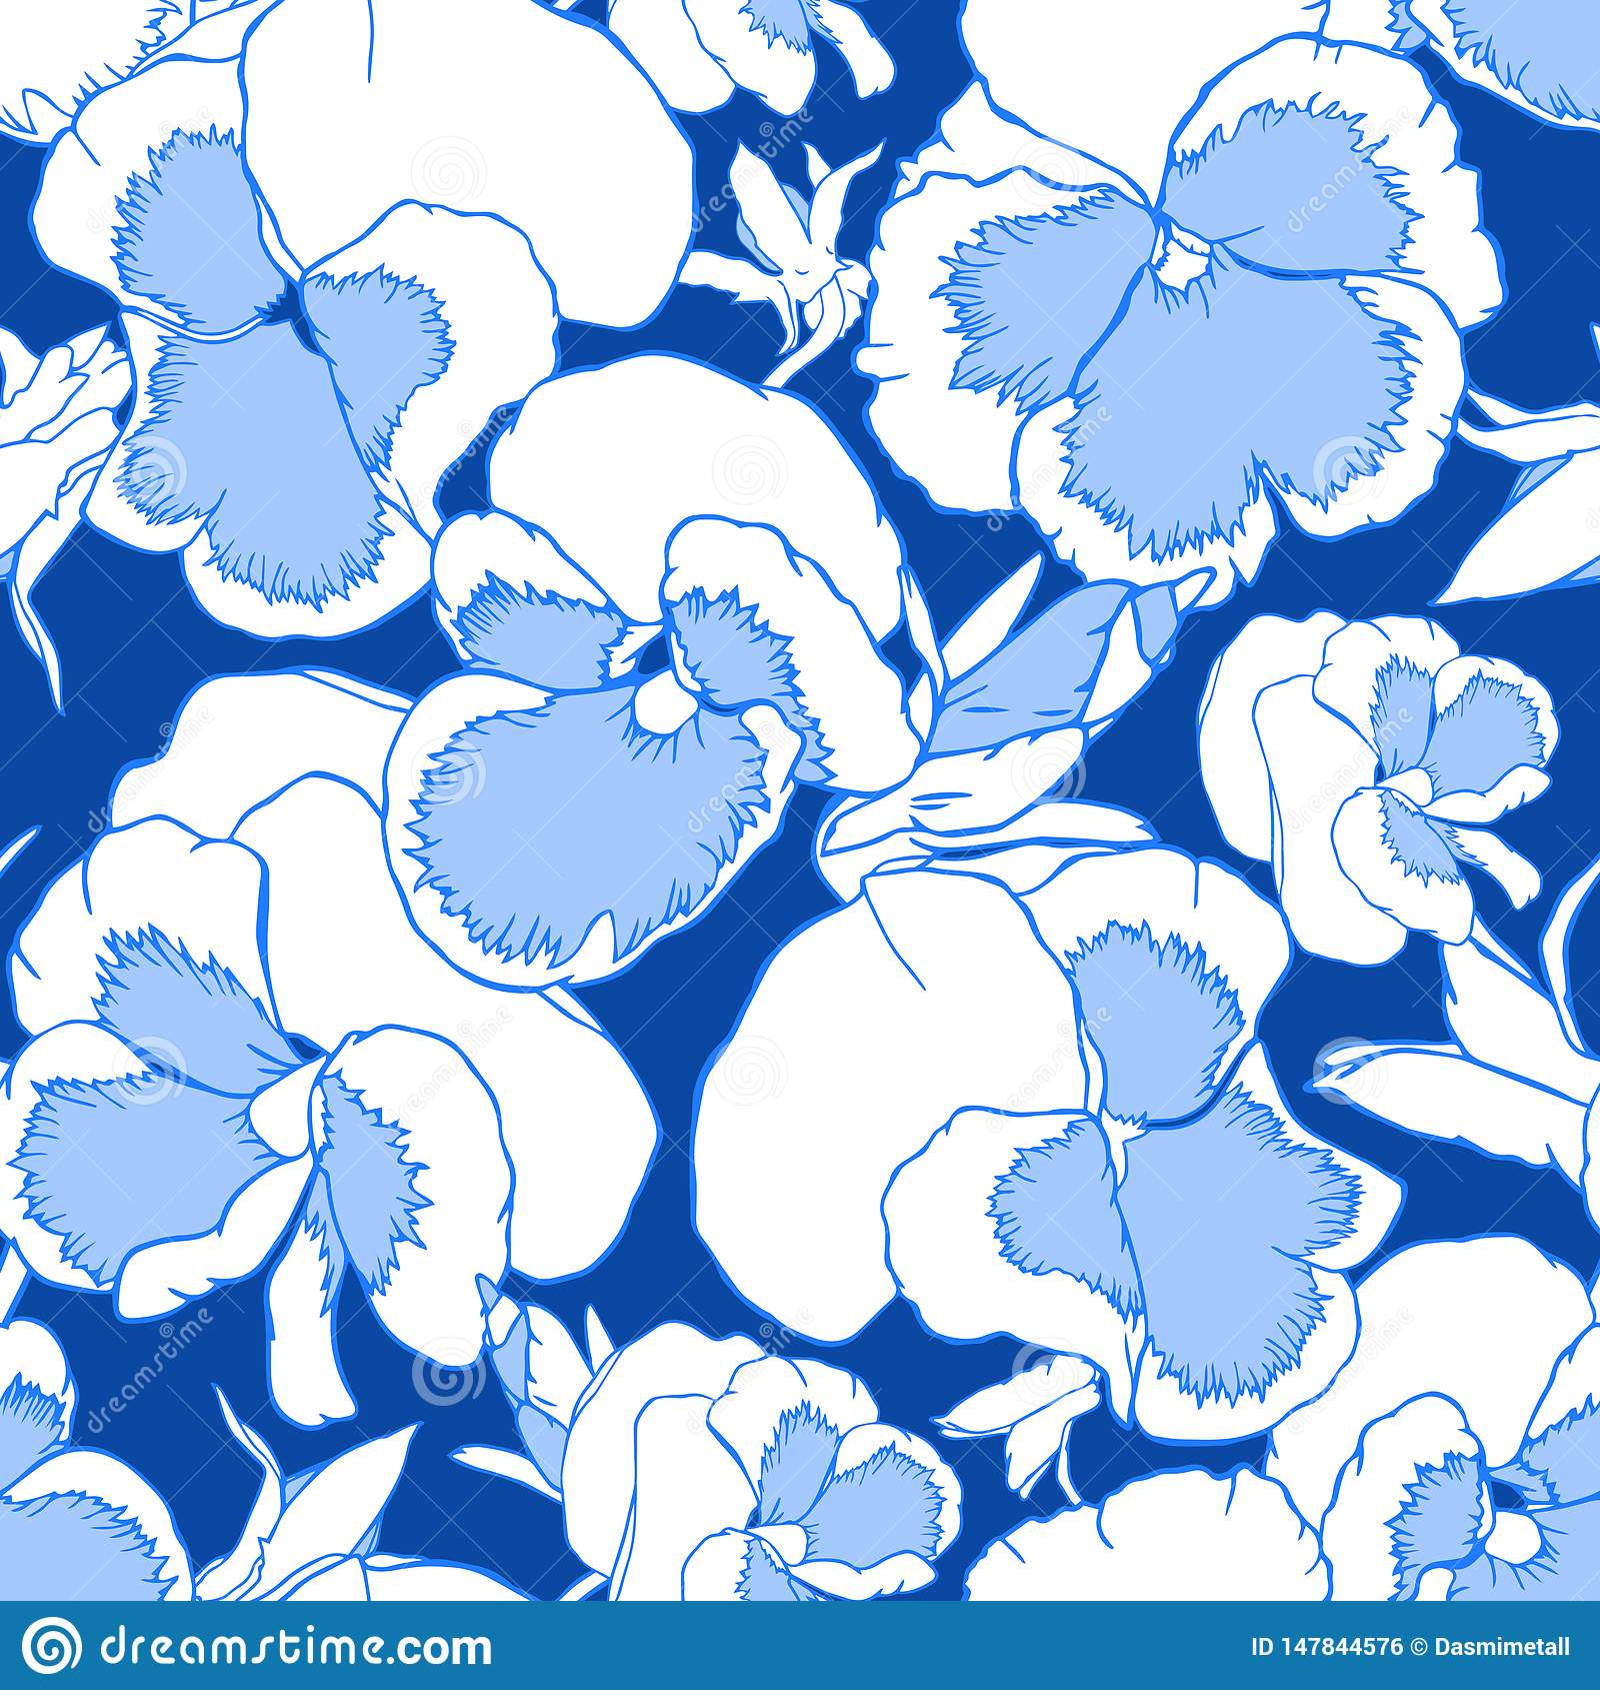 Flores exhaustas del azul de la mano y blancas de la viola en un fondo azul marino Modelo inconsútil para la tela, el papel pinta